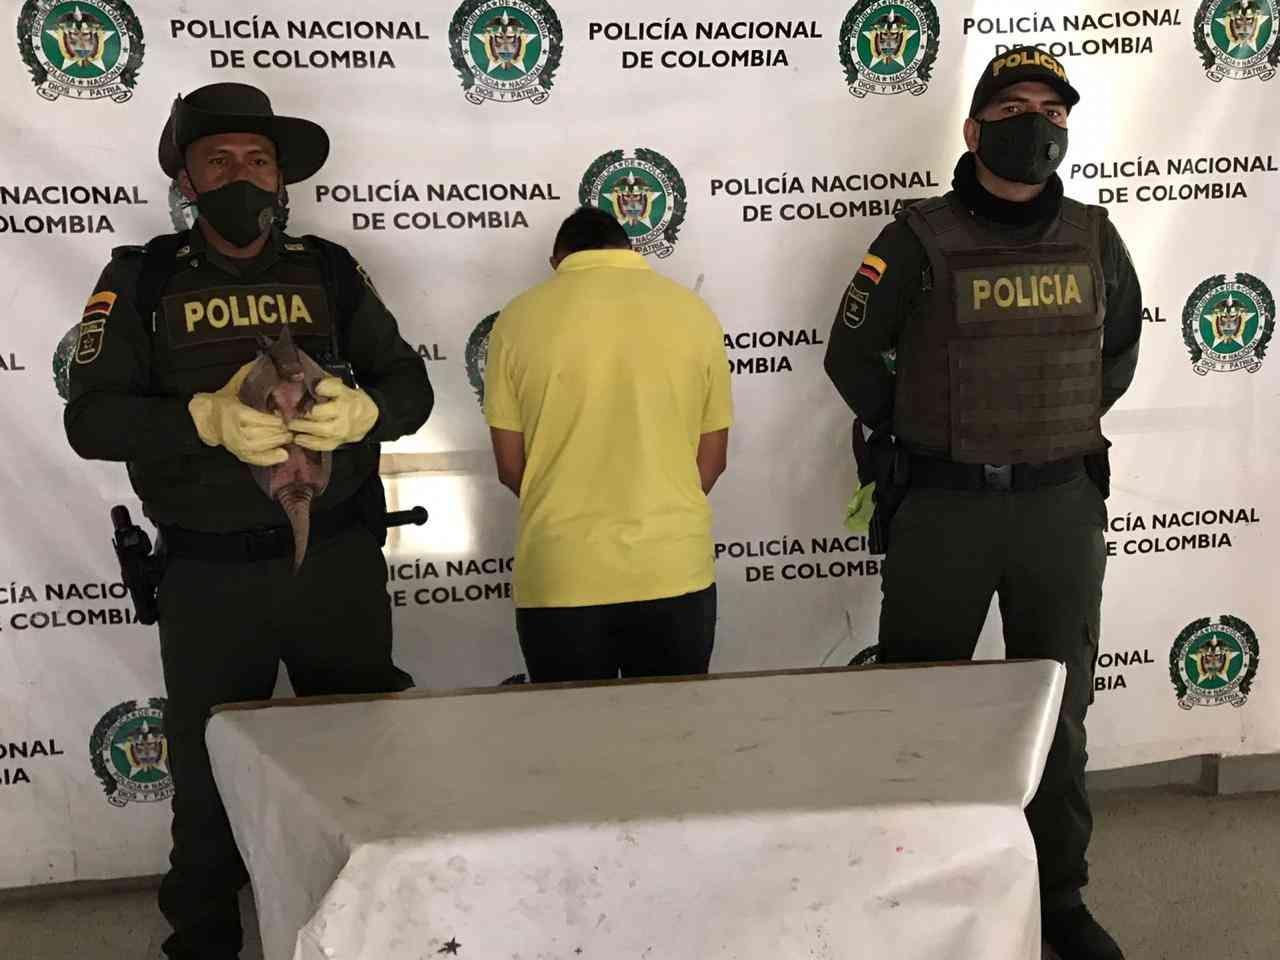 Tráfico de animales en redes sociales aumenta en Colombia 12